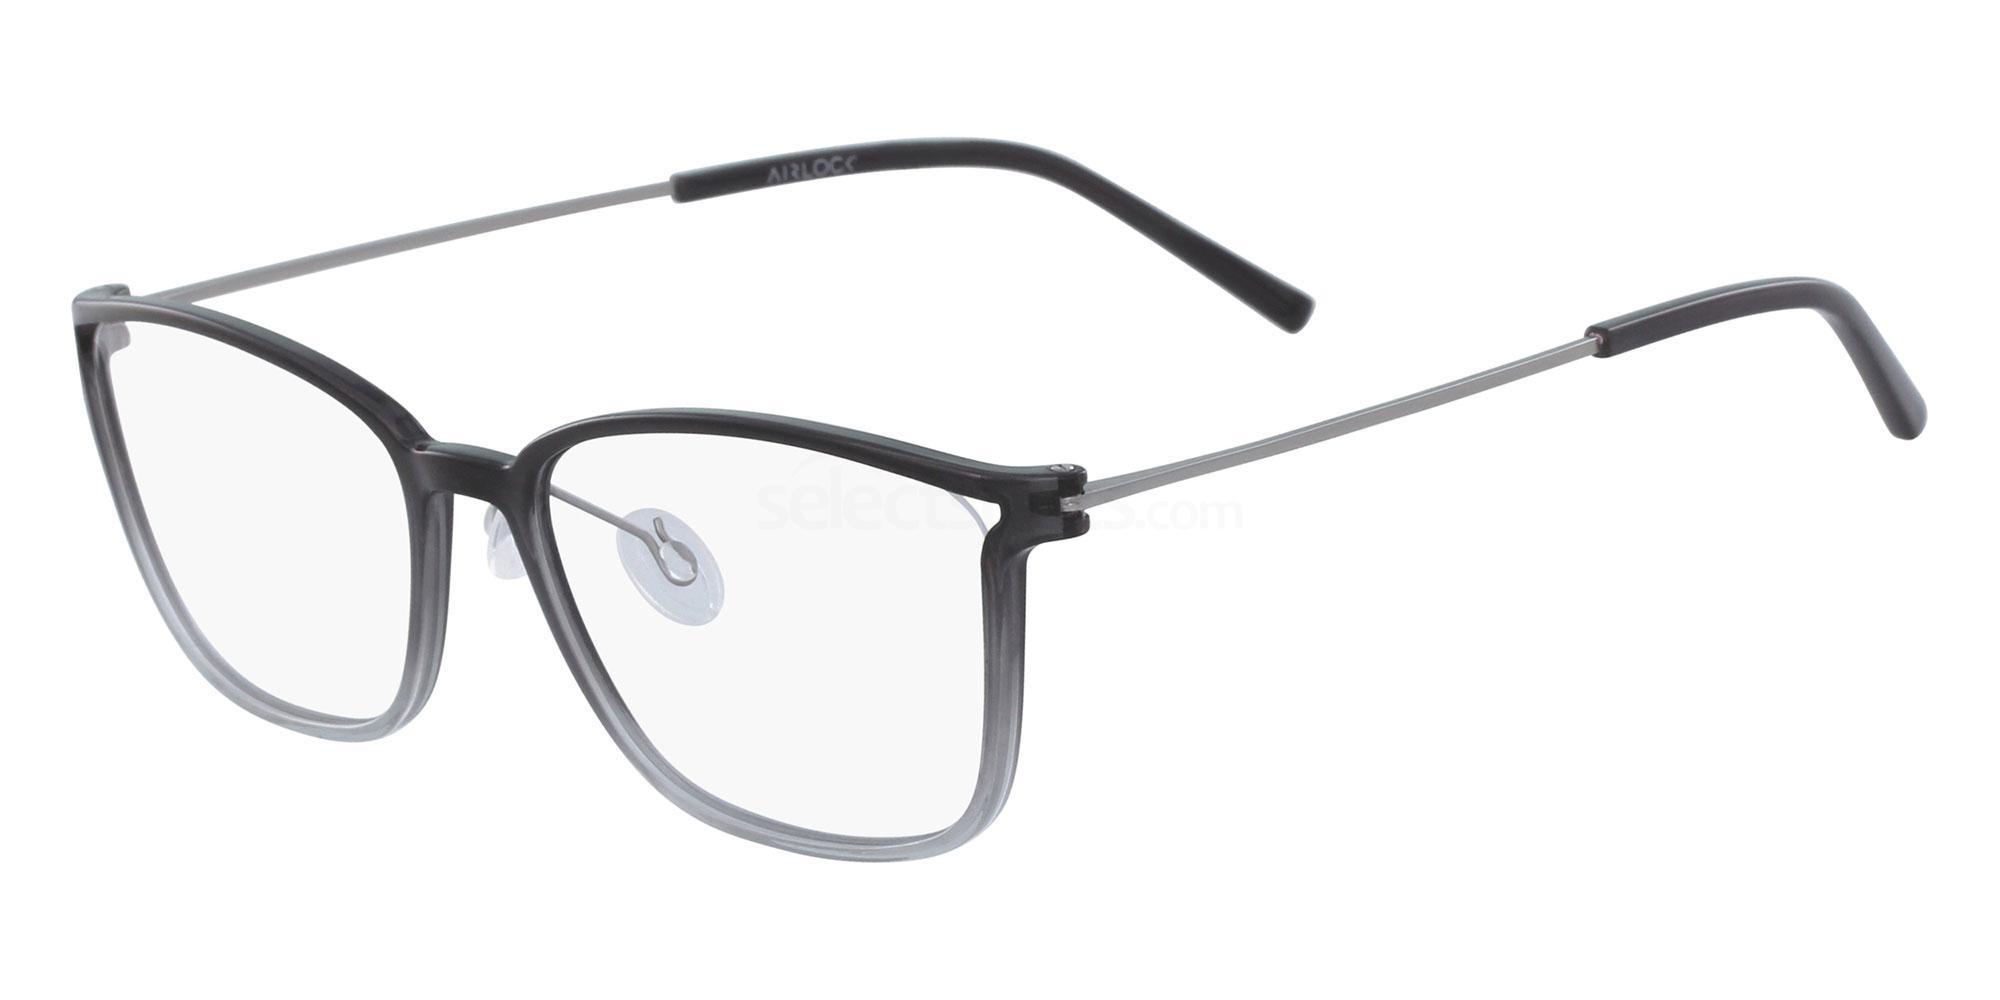 001 AIRLOCK 3001 Glasses, AIRLOCK